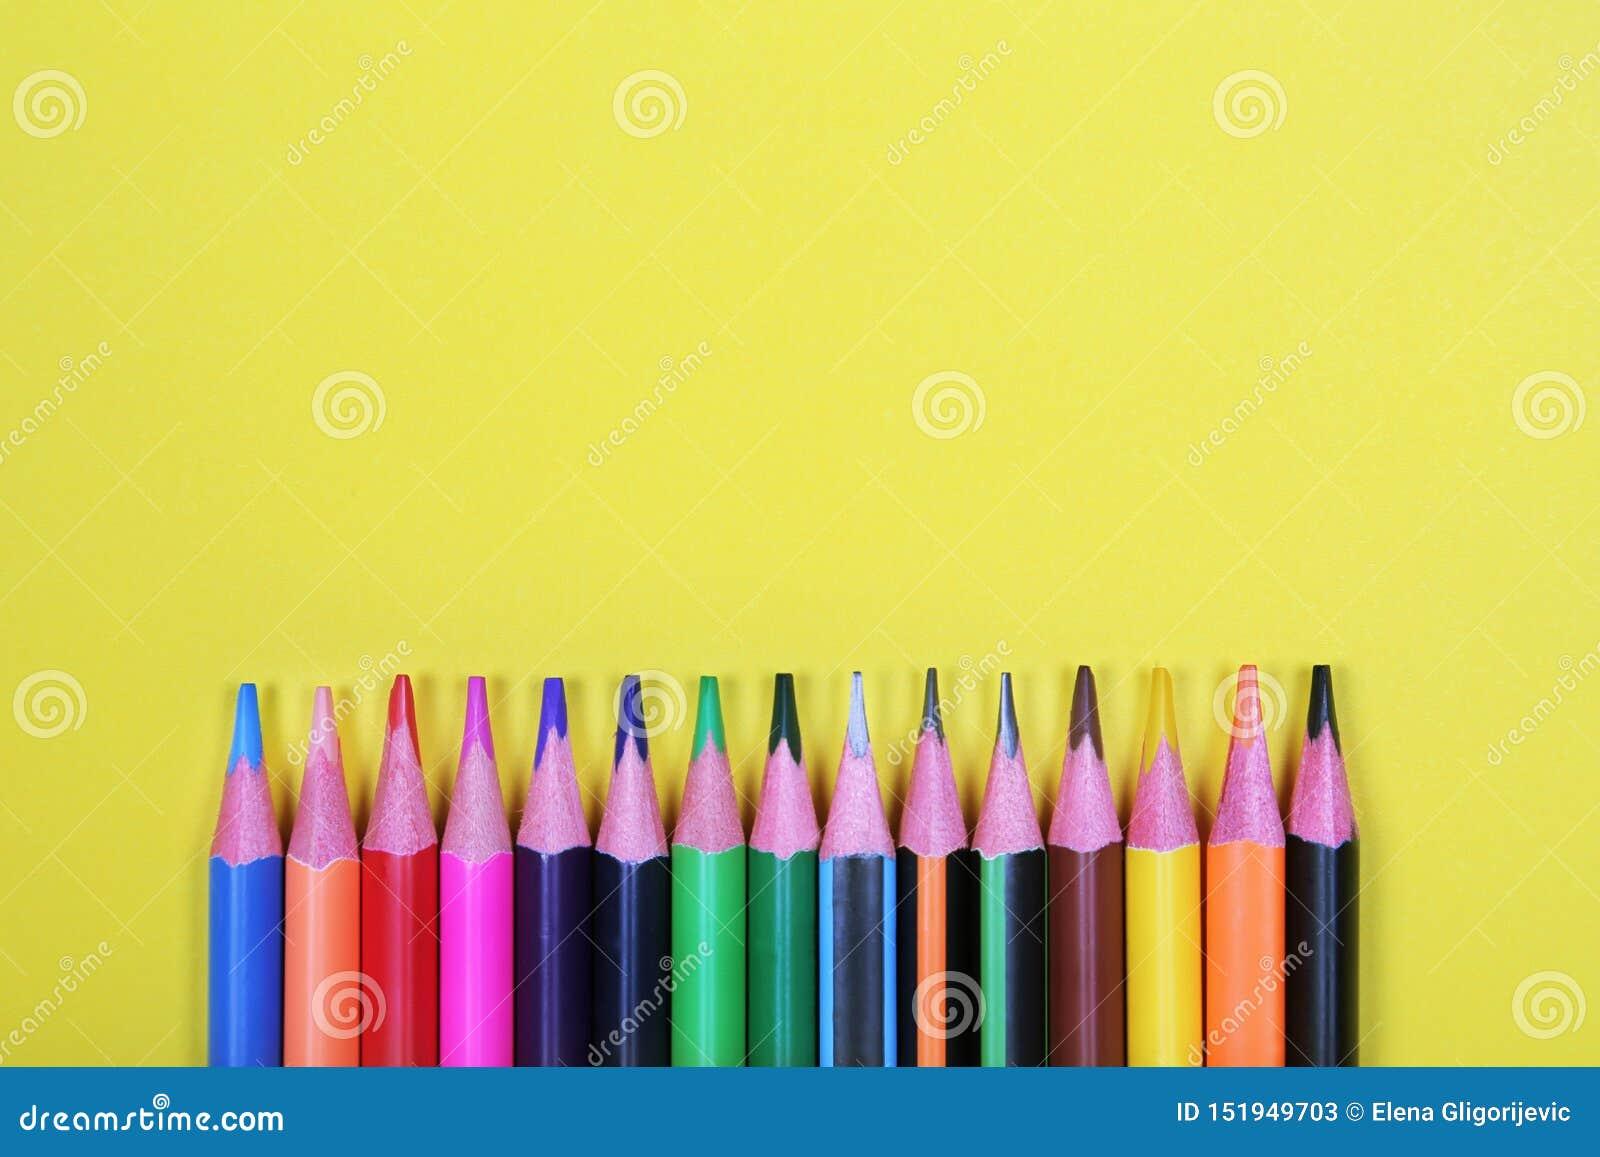 Färgrika blyertspennor med kopieringsutrymme på gul bakgrund, utbildning tillbaka till skola, försäljning som shoppar begrepp